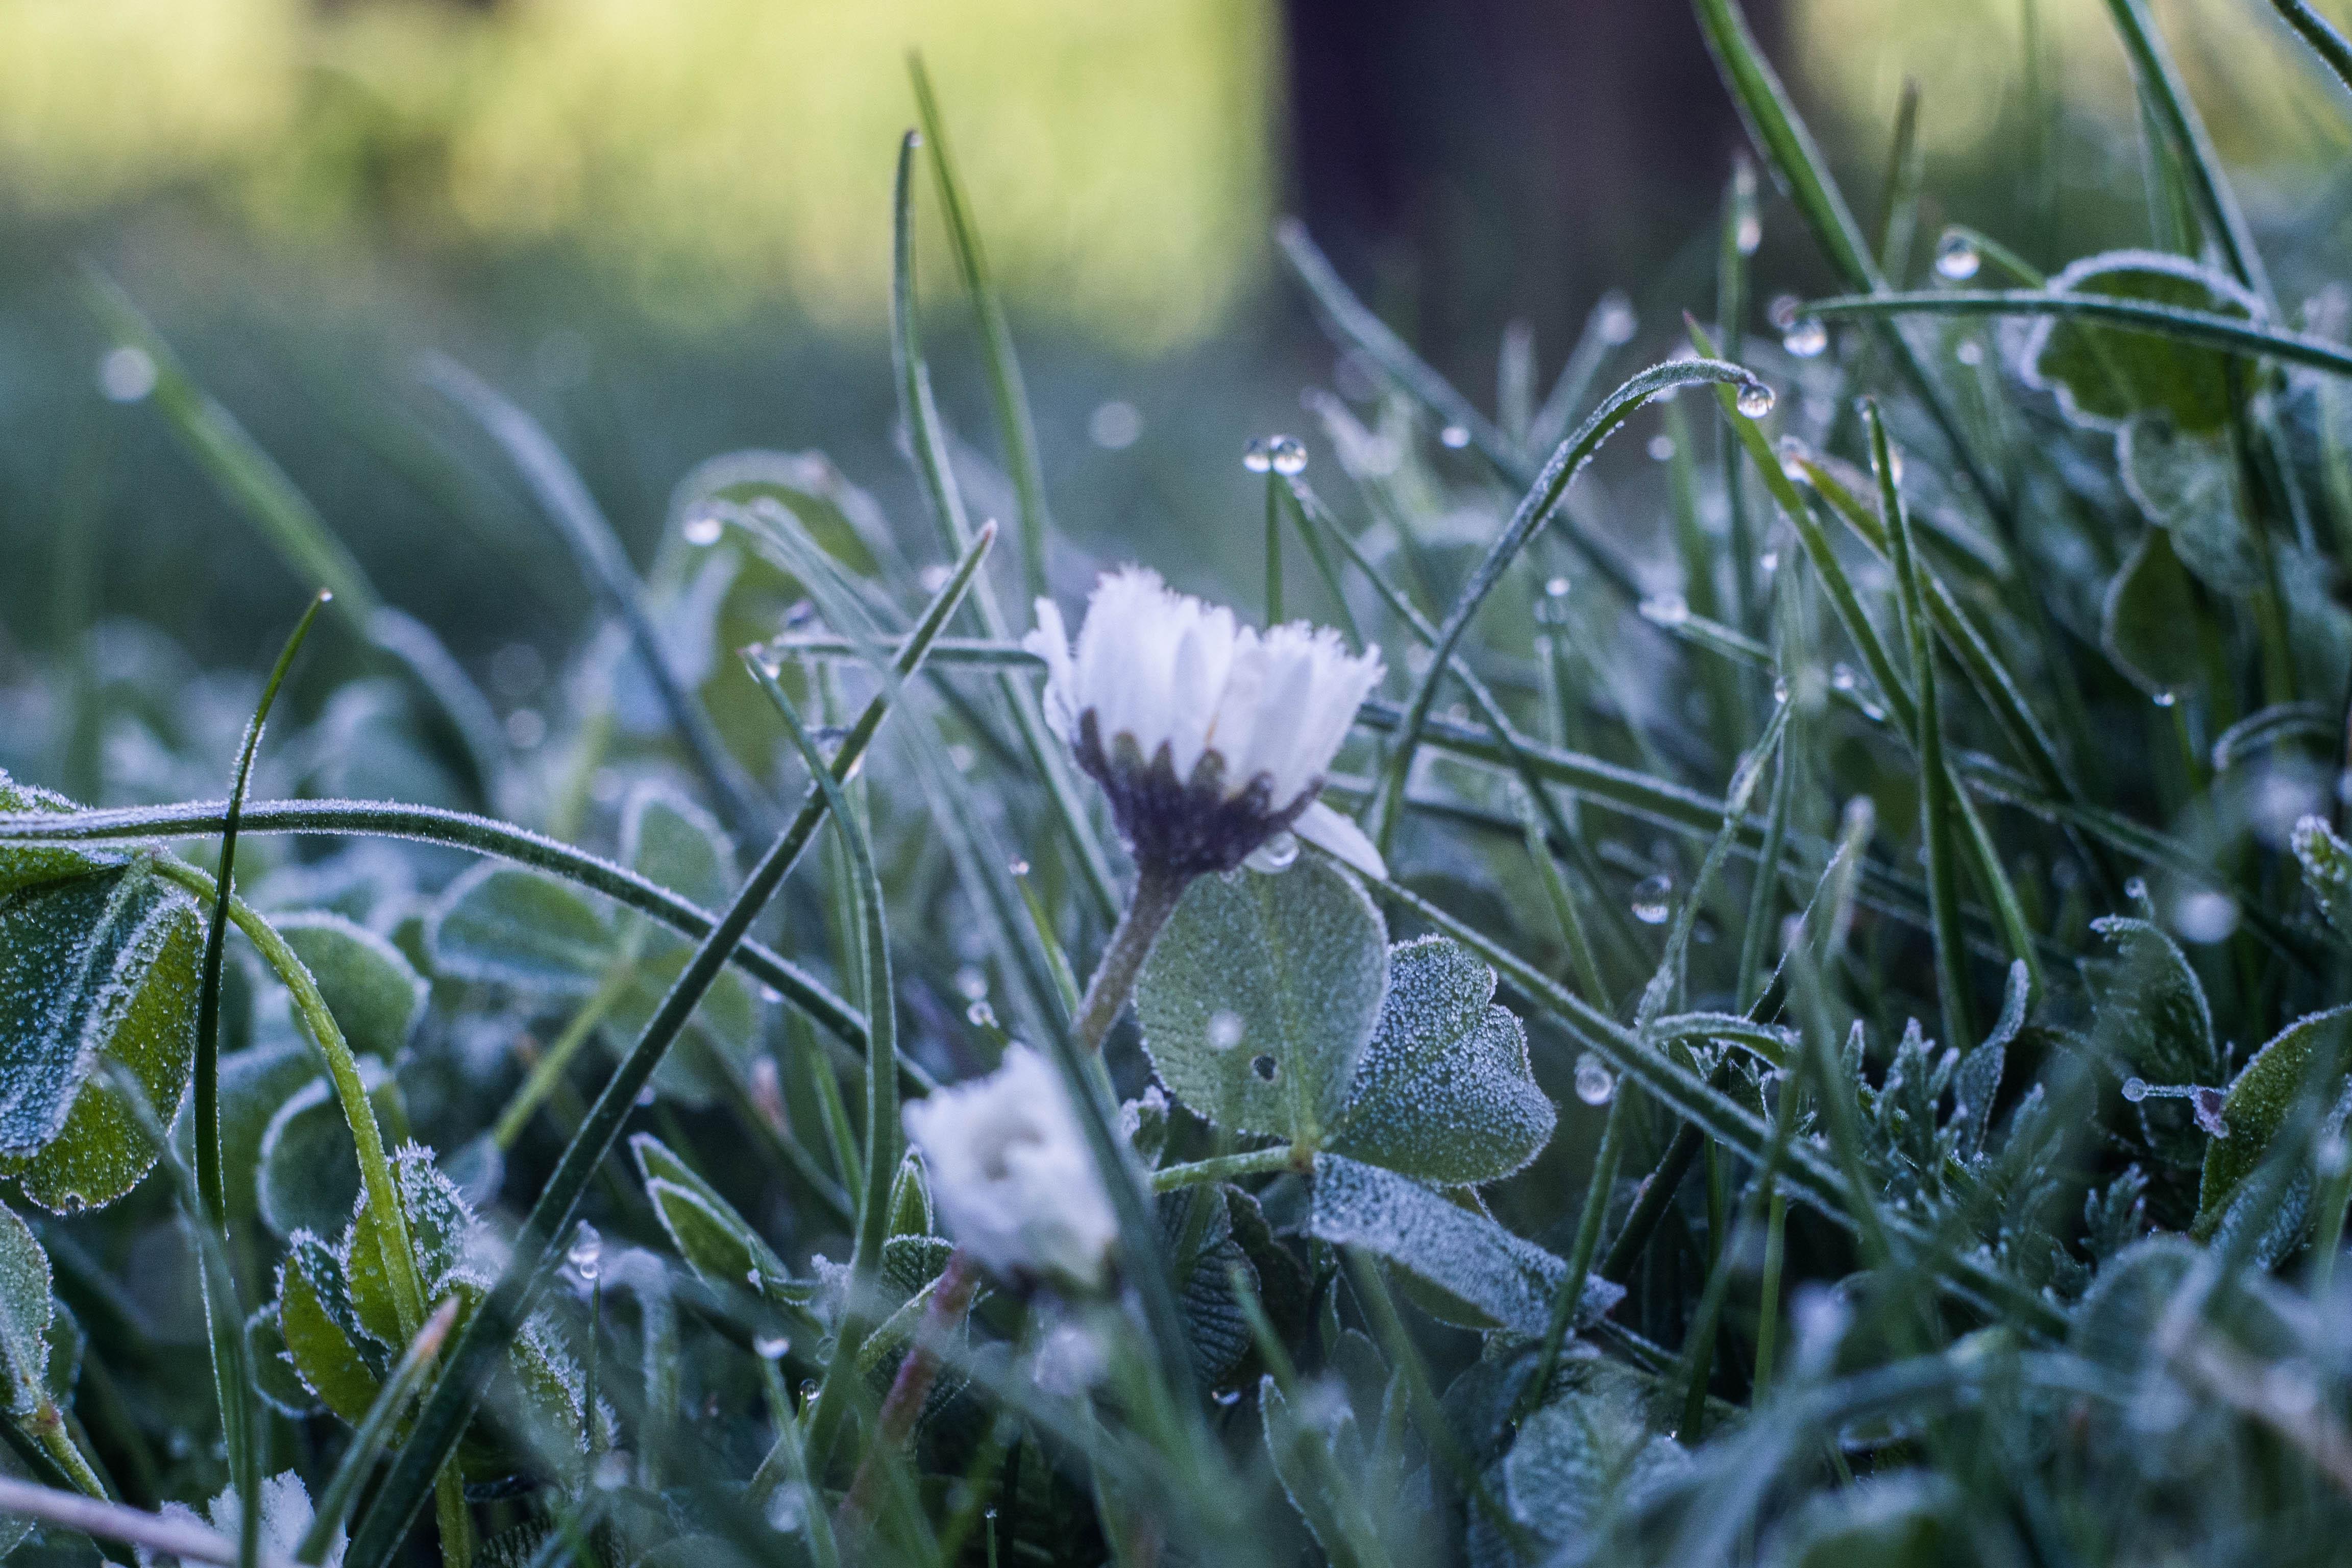 В Кировской области объявлено метеопредупреждение: ожидаются заморозки.